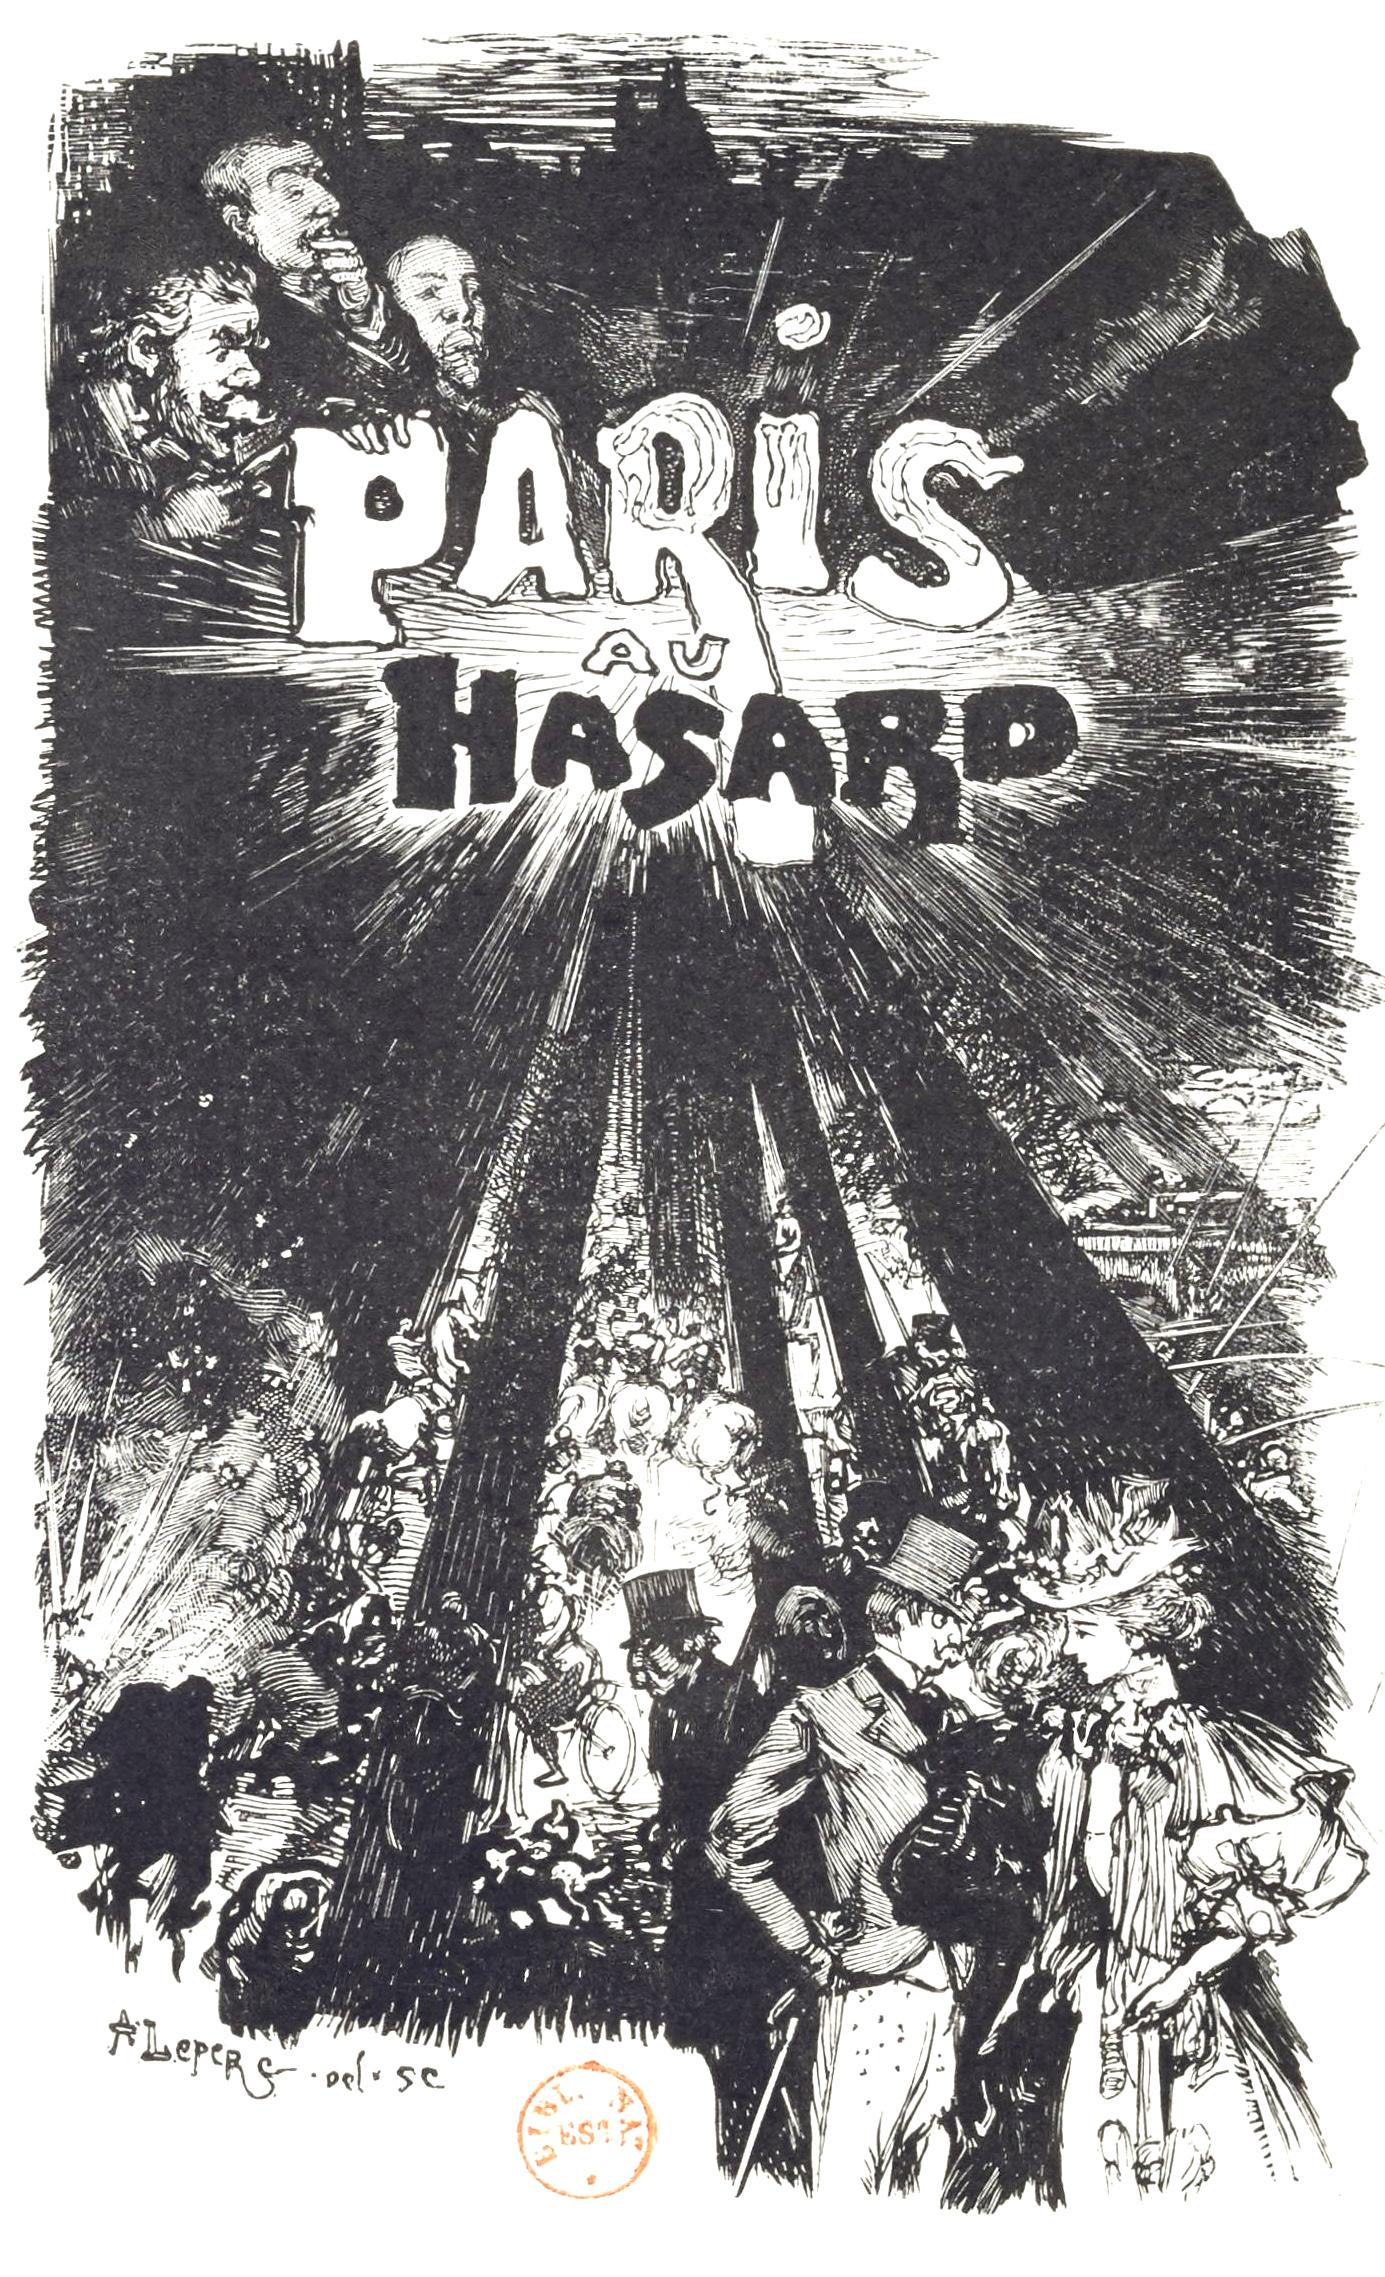 LEPARE-PARISauHASARD20